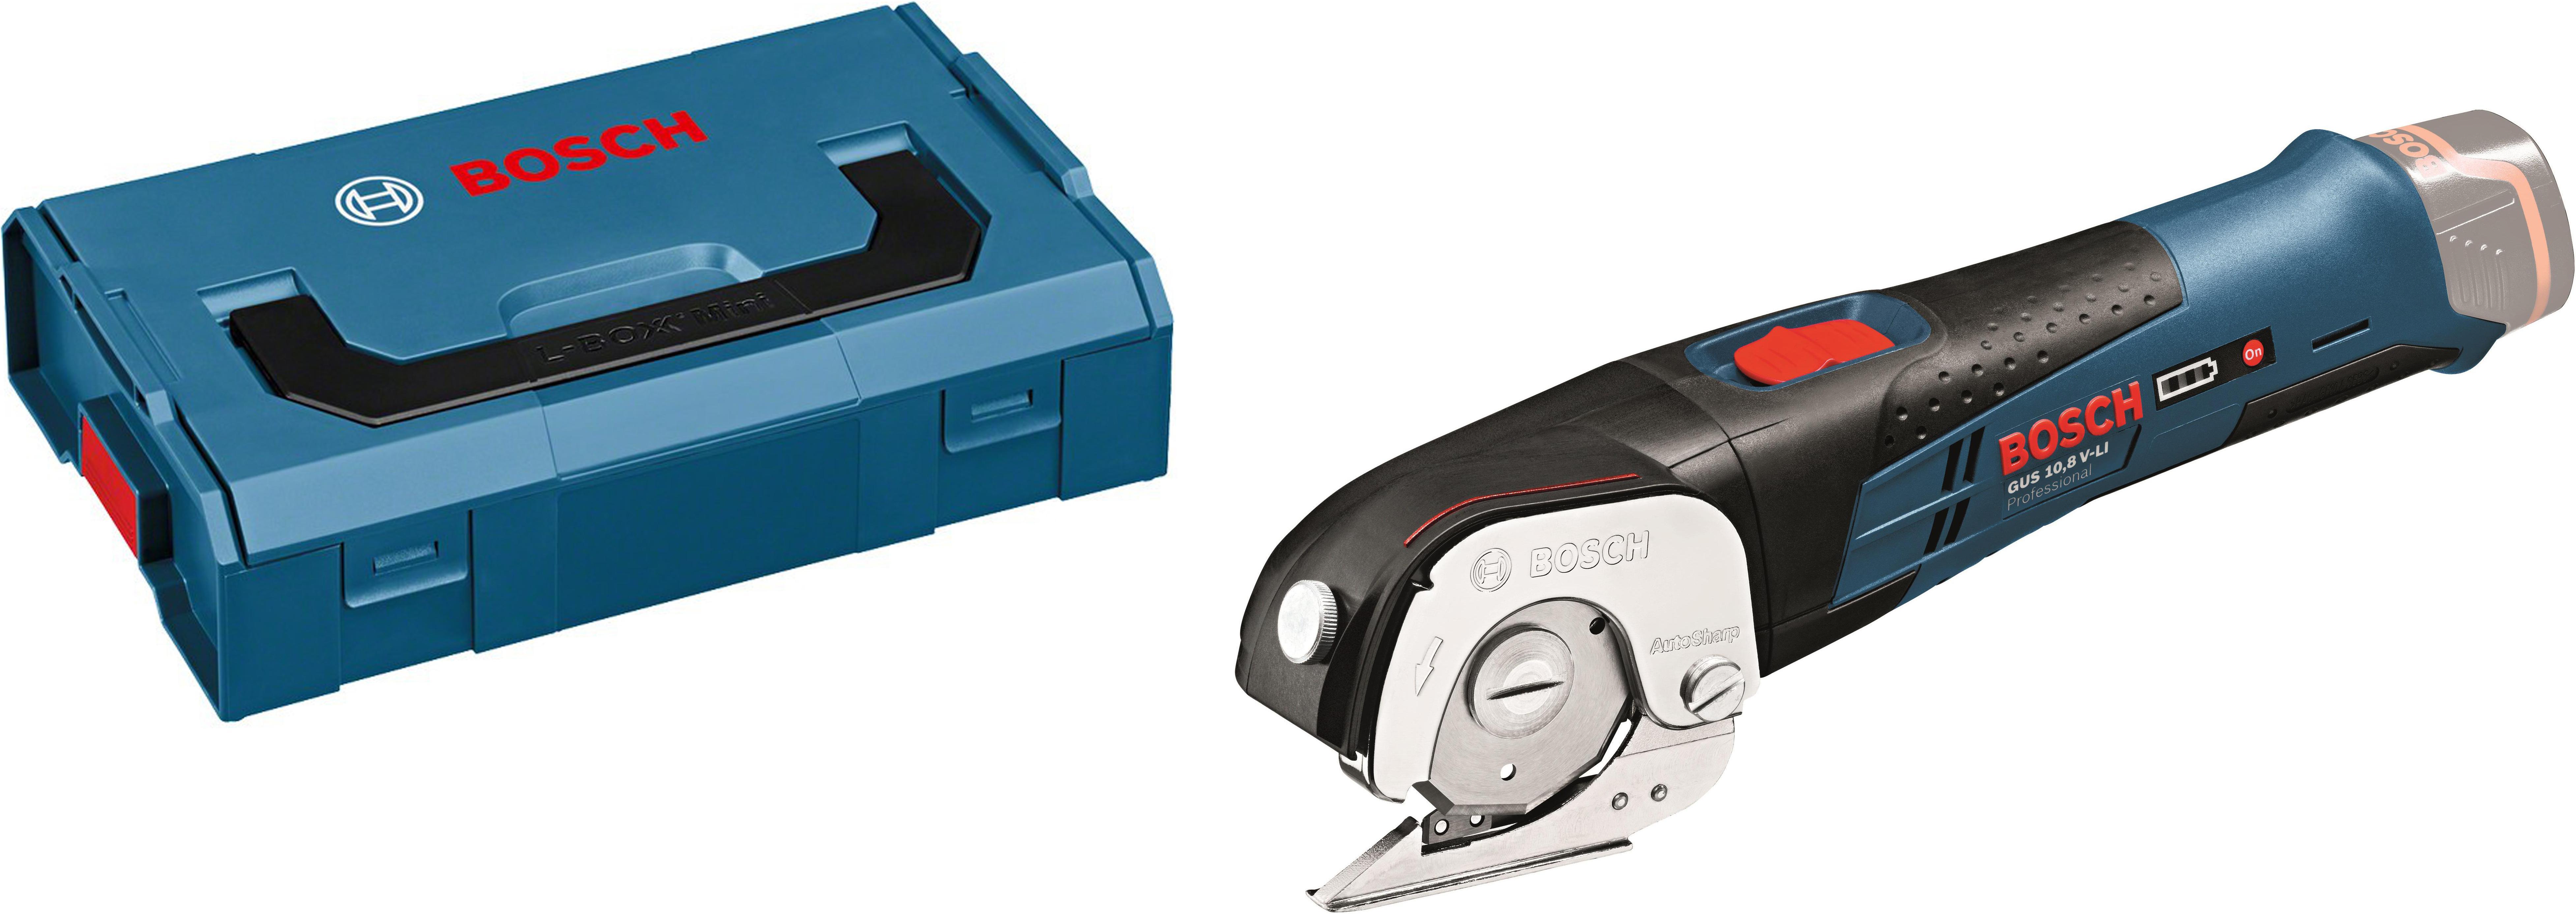 Набор Bosch Ножницы gus 10,8 v-li (0.601.9b2.901) +Ящик l-boxx mini (1.600.a00.7sf)